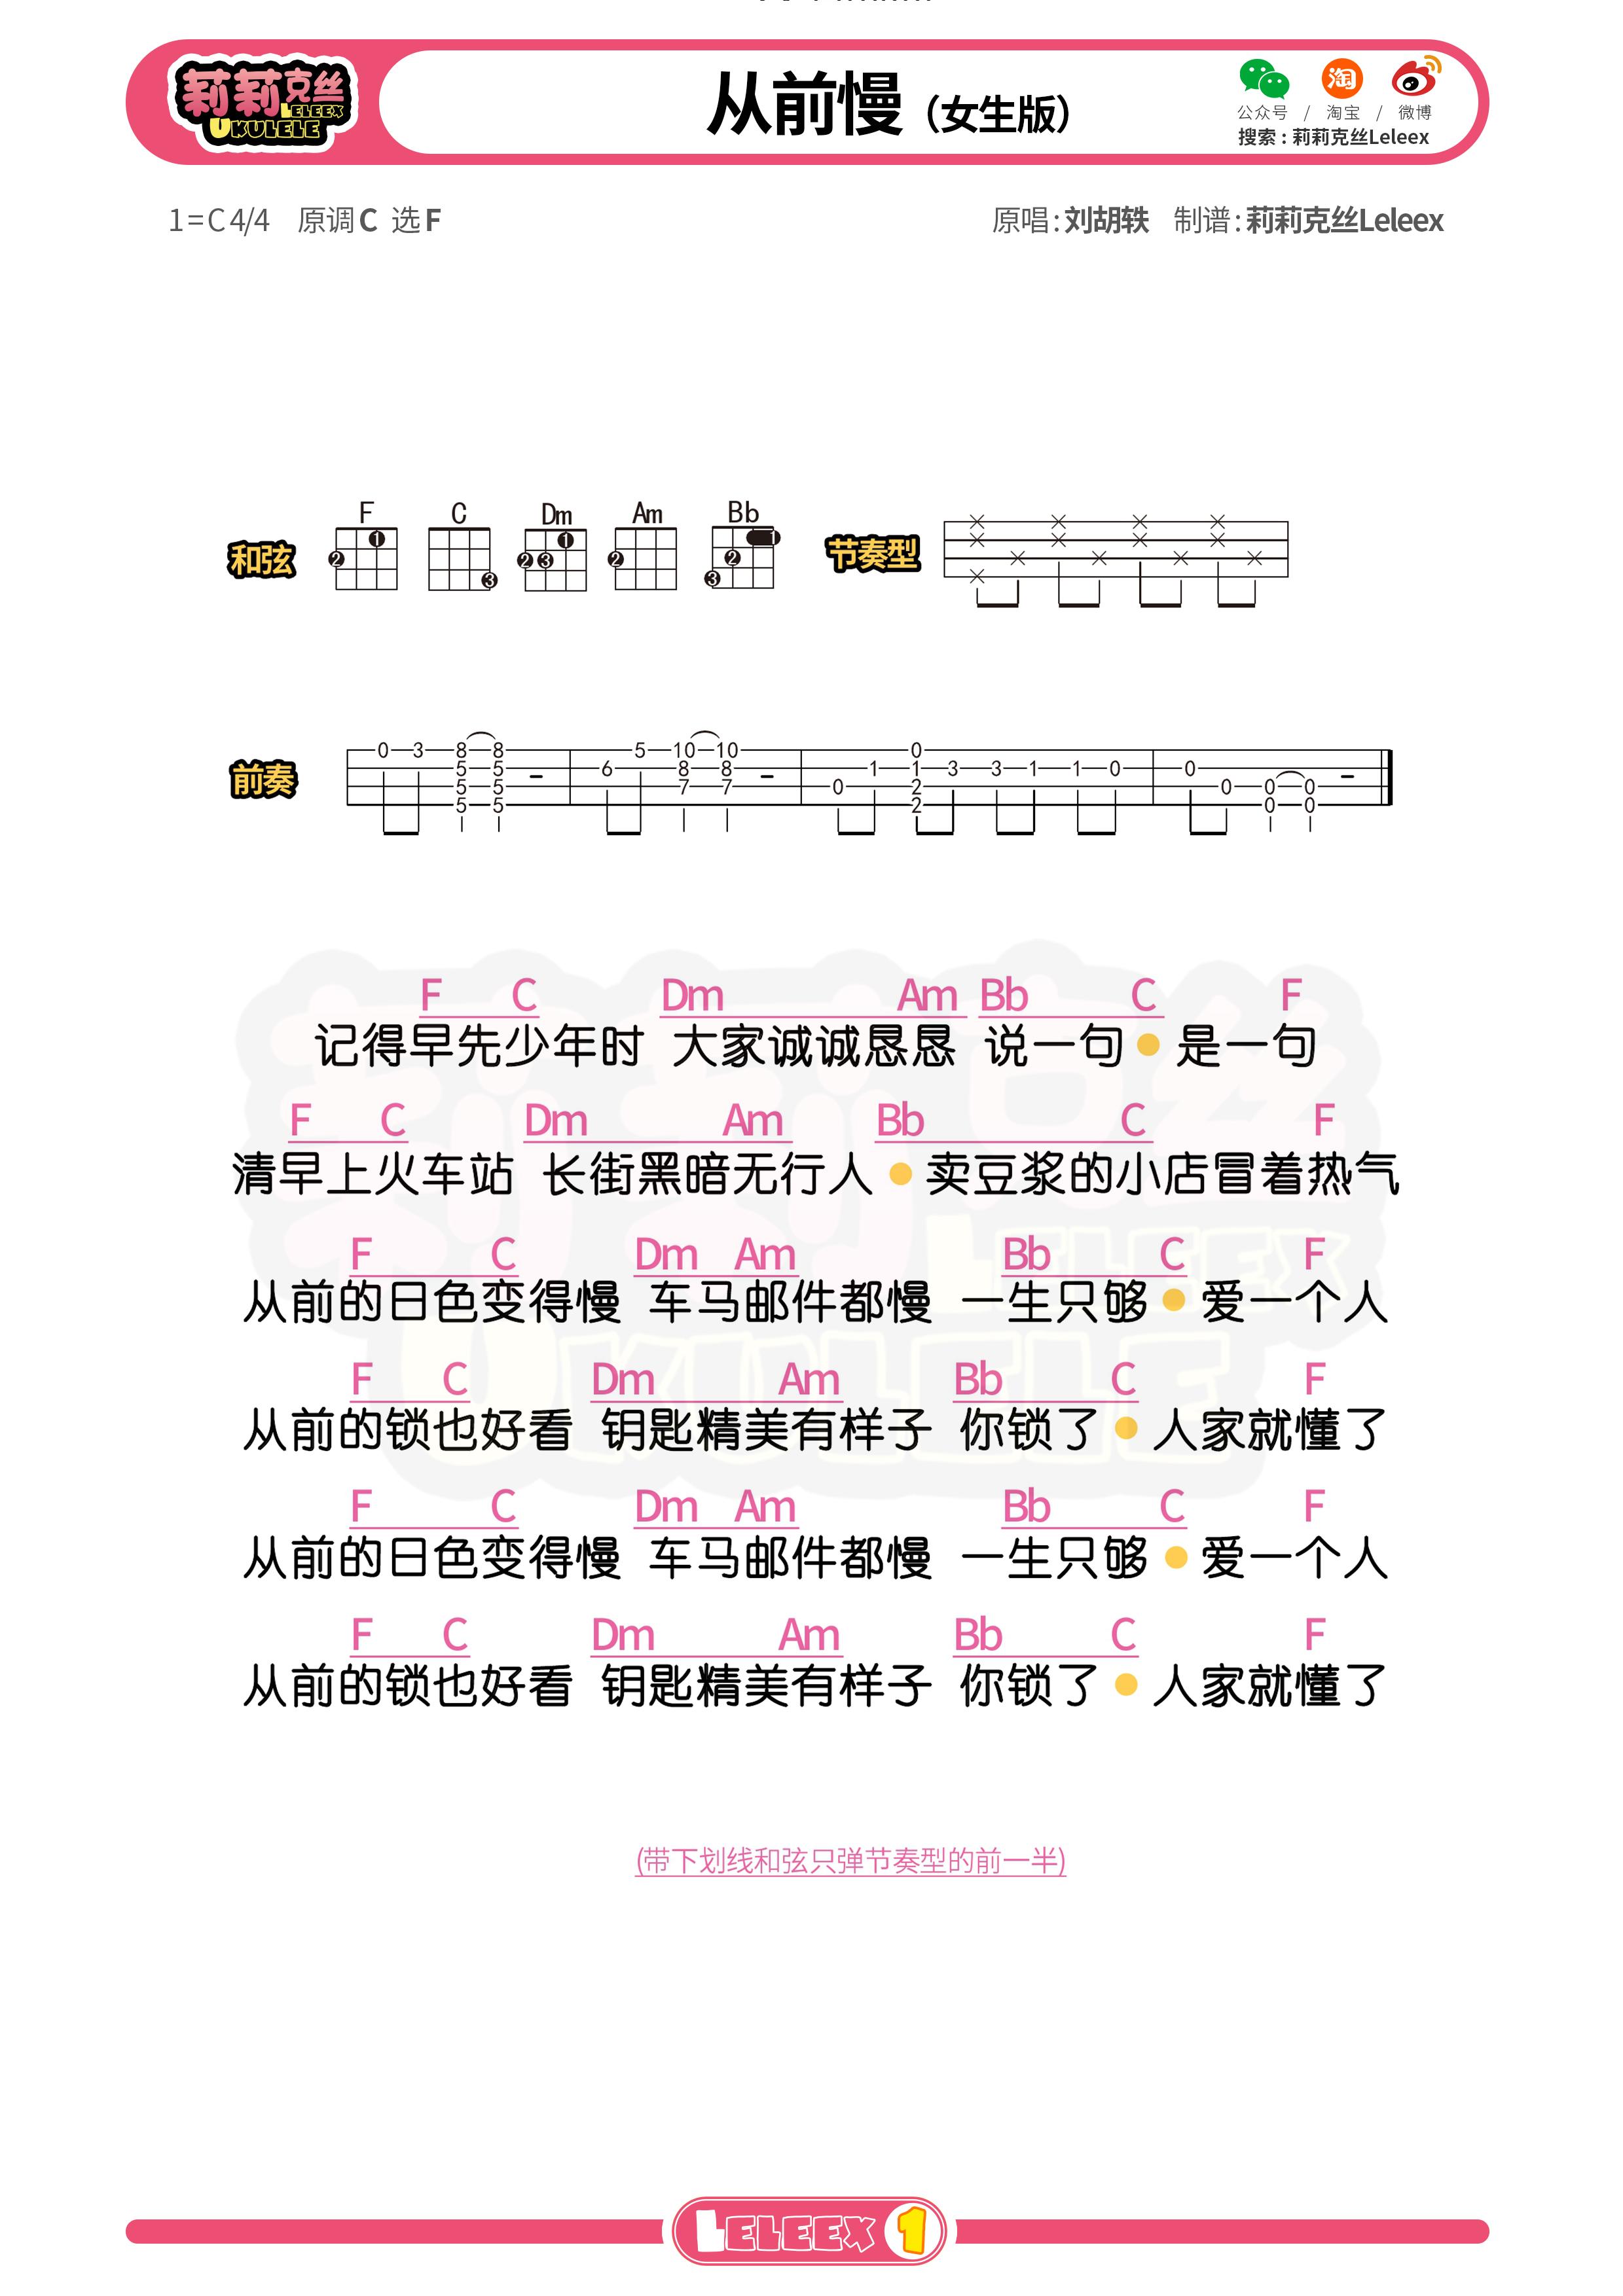 《从前慢》尤克里里谱-刘胡轶 莉莉克丝Leleex-C大调音乐网